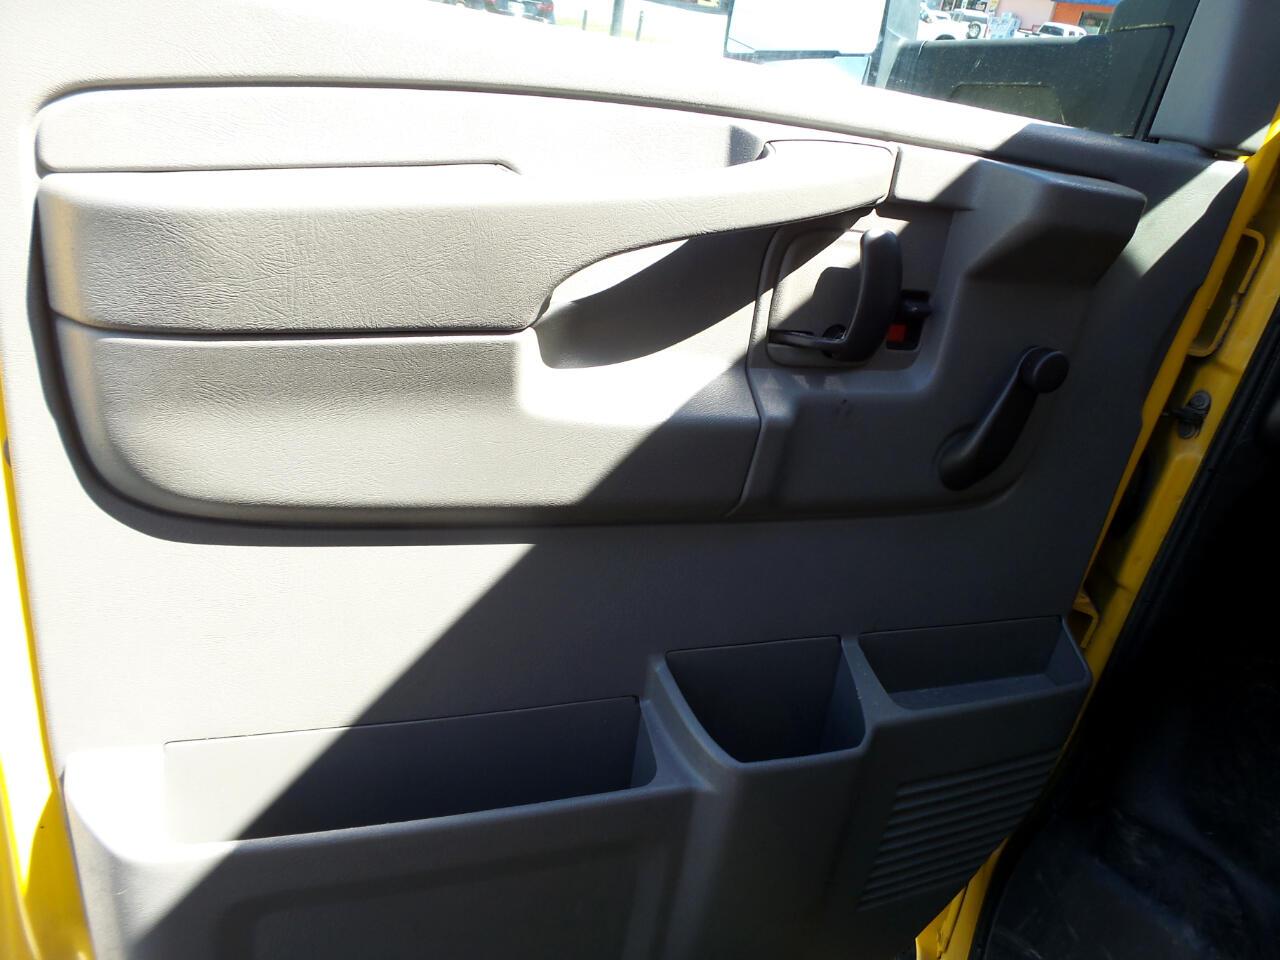 2012 GMC Savana G3500